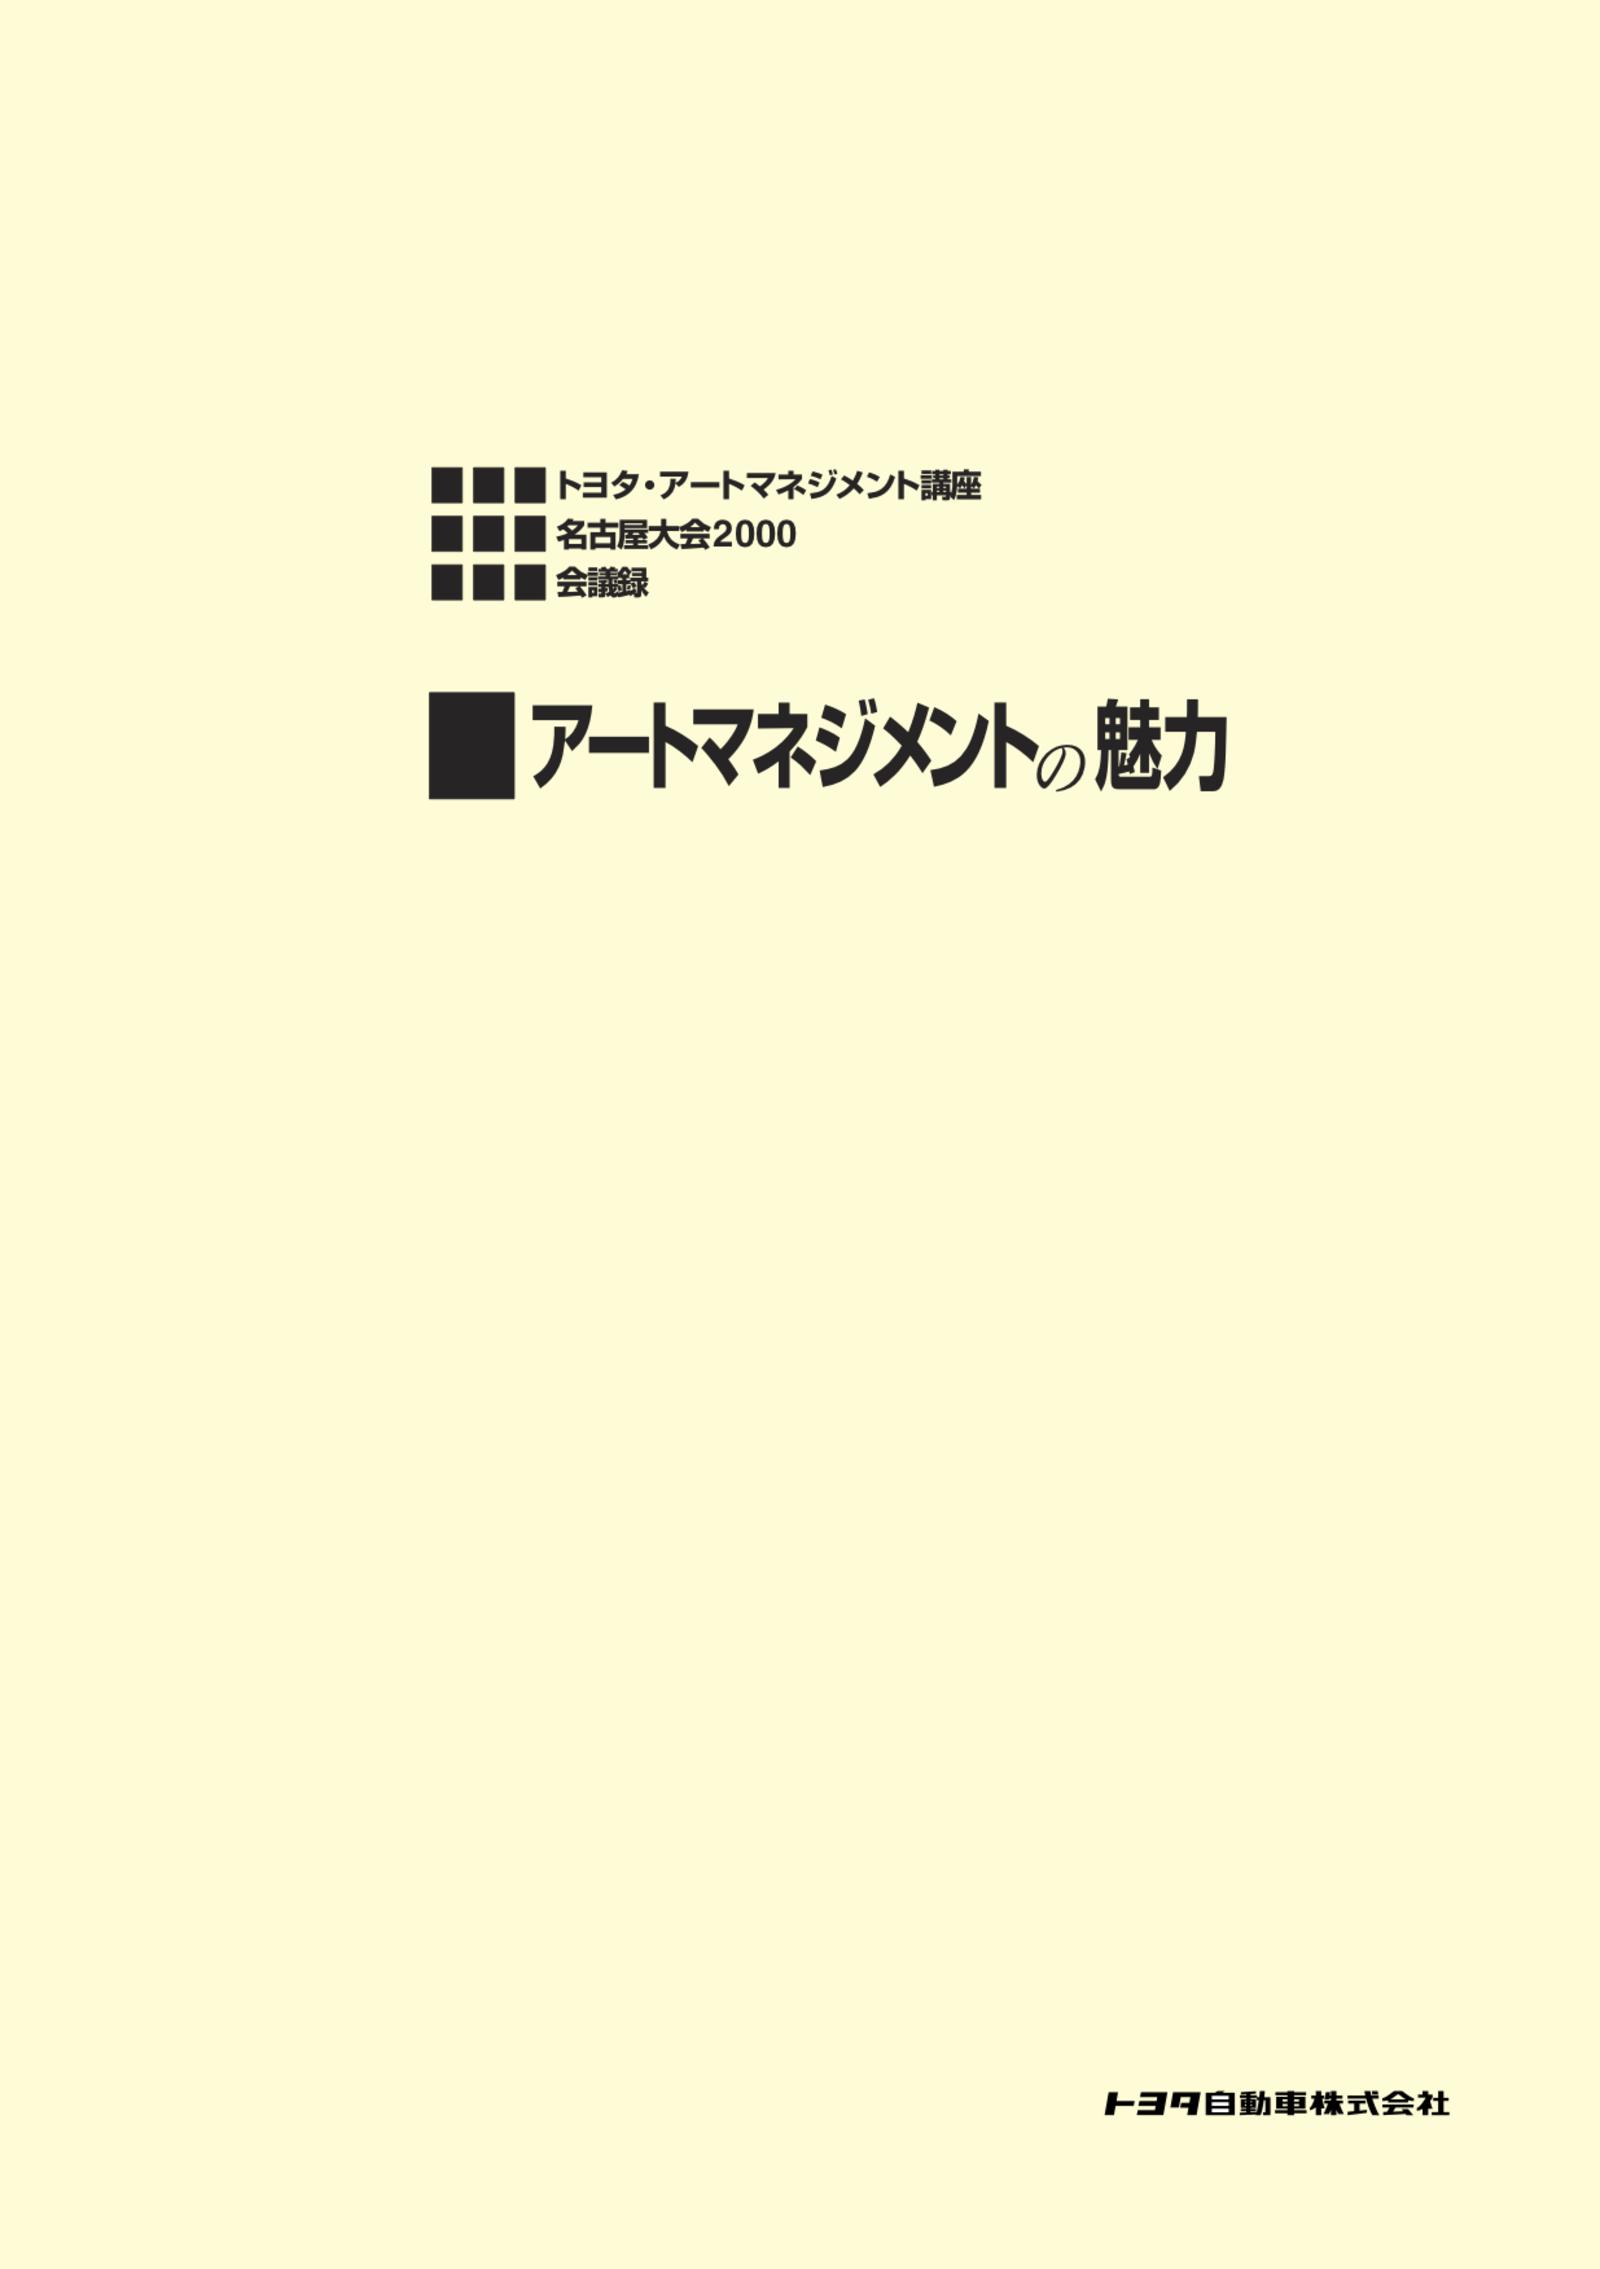 『アートマネジメントの魅力―名古屋大会2000 会議録』